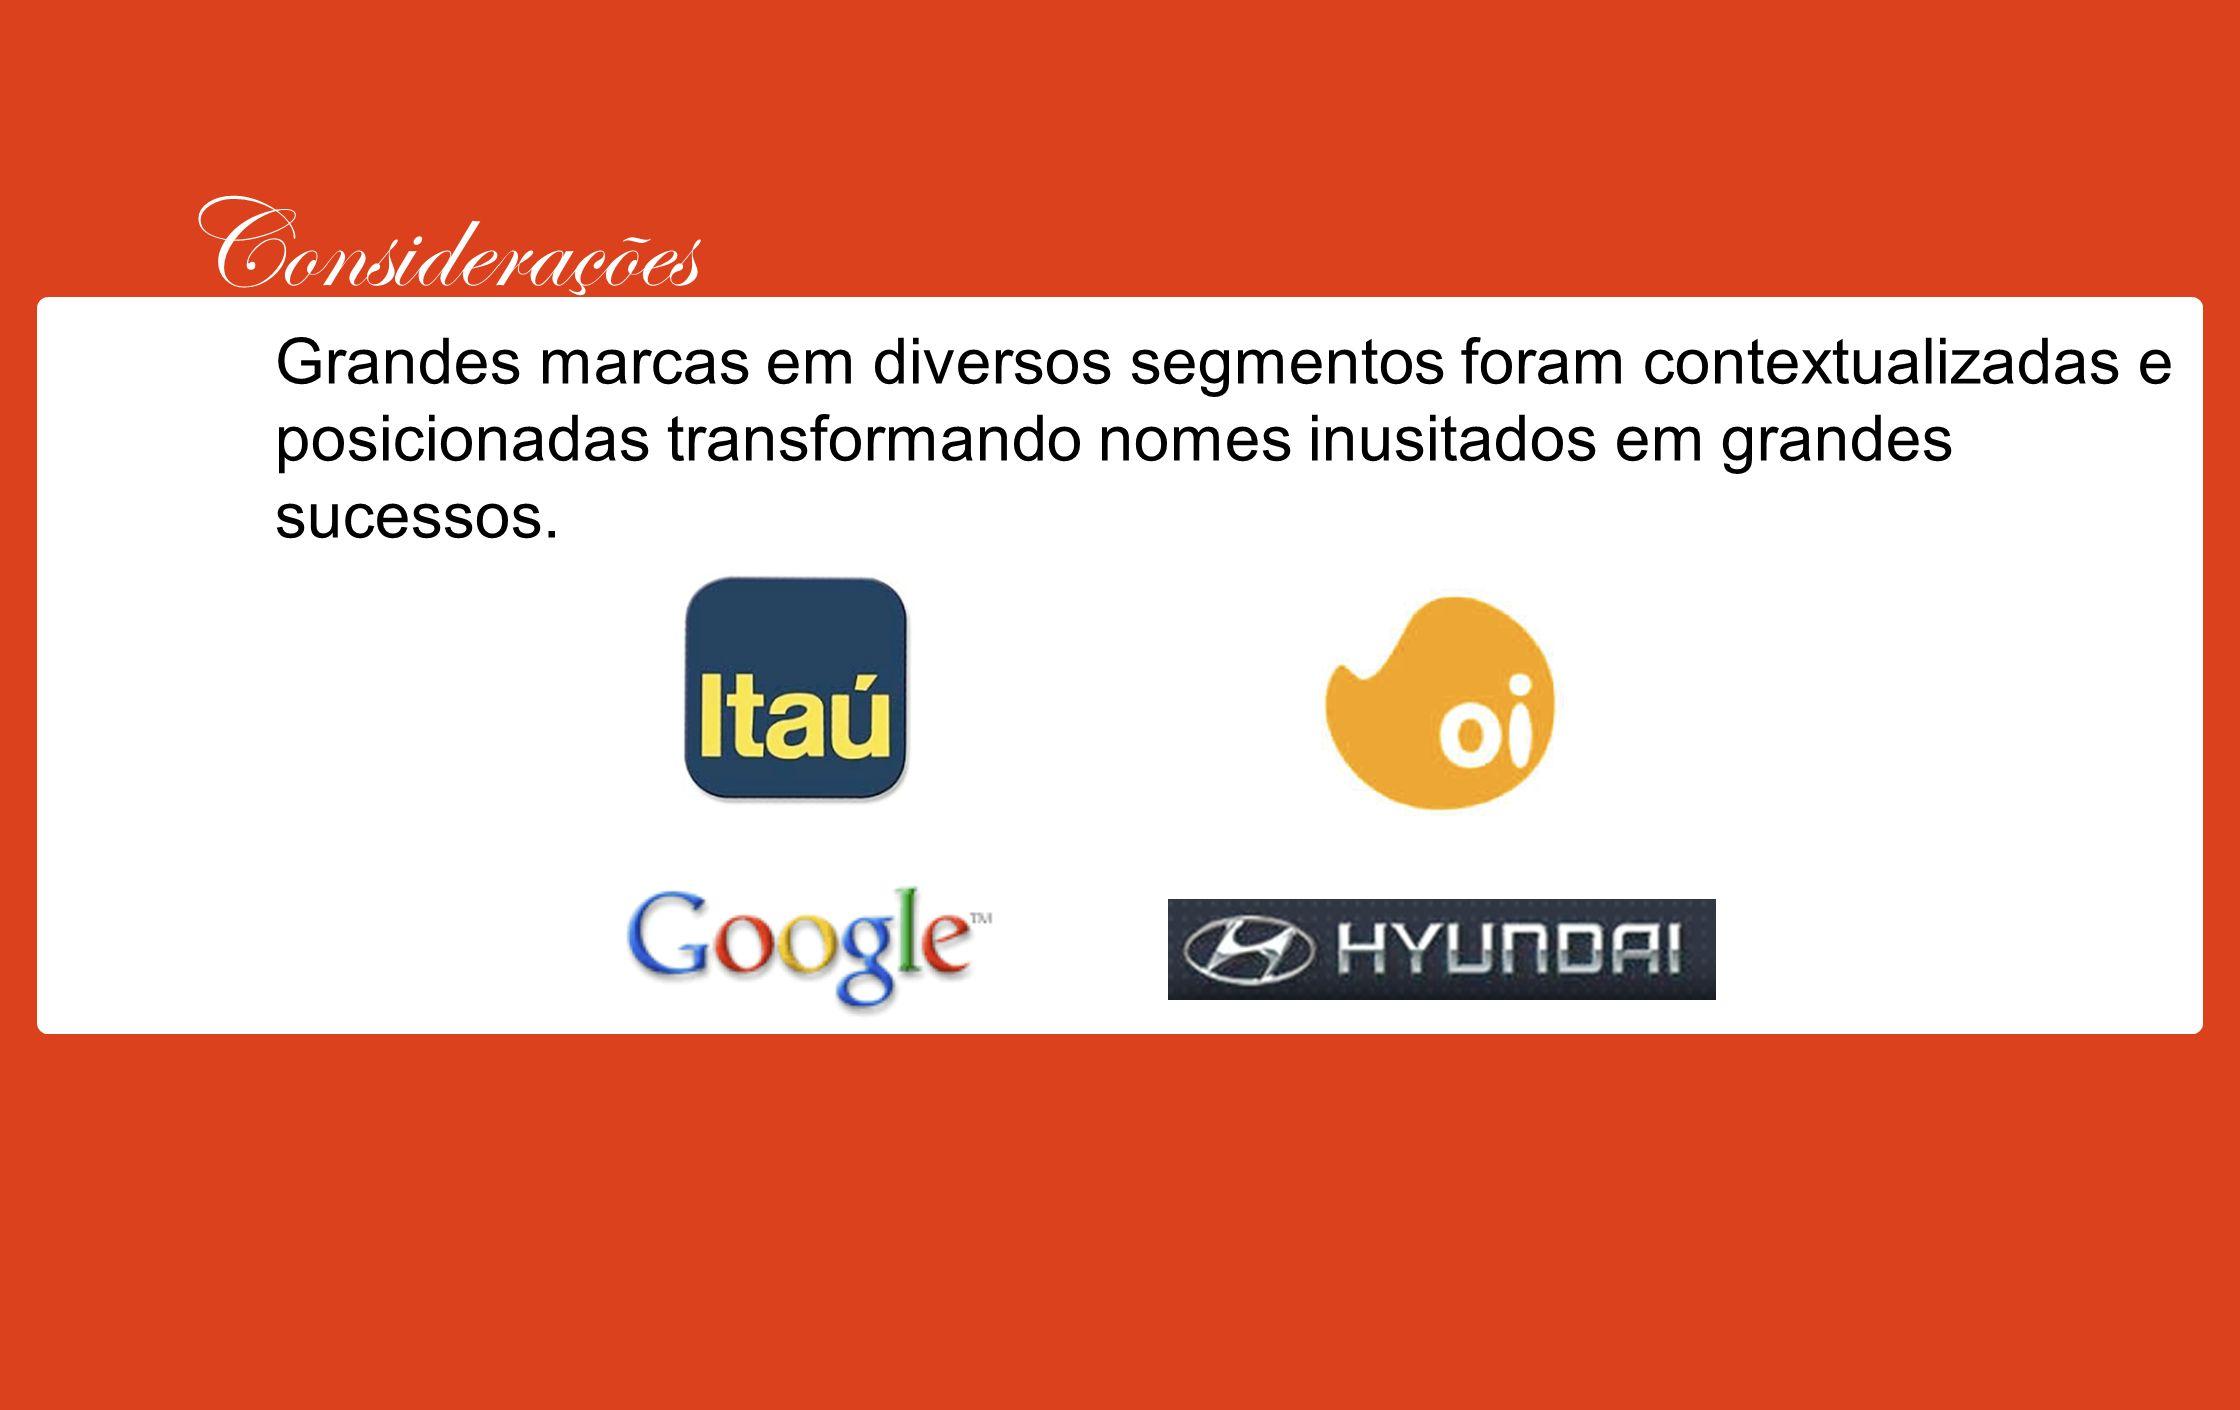 Considerações Grandes marcas em diversos segmentos foram contextualizadas e posicionadas transformando nomes inusitados em grandes sucessos.